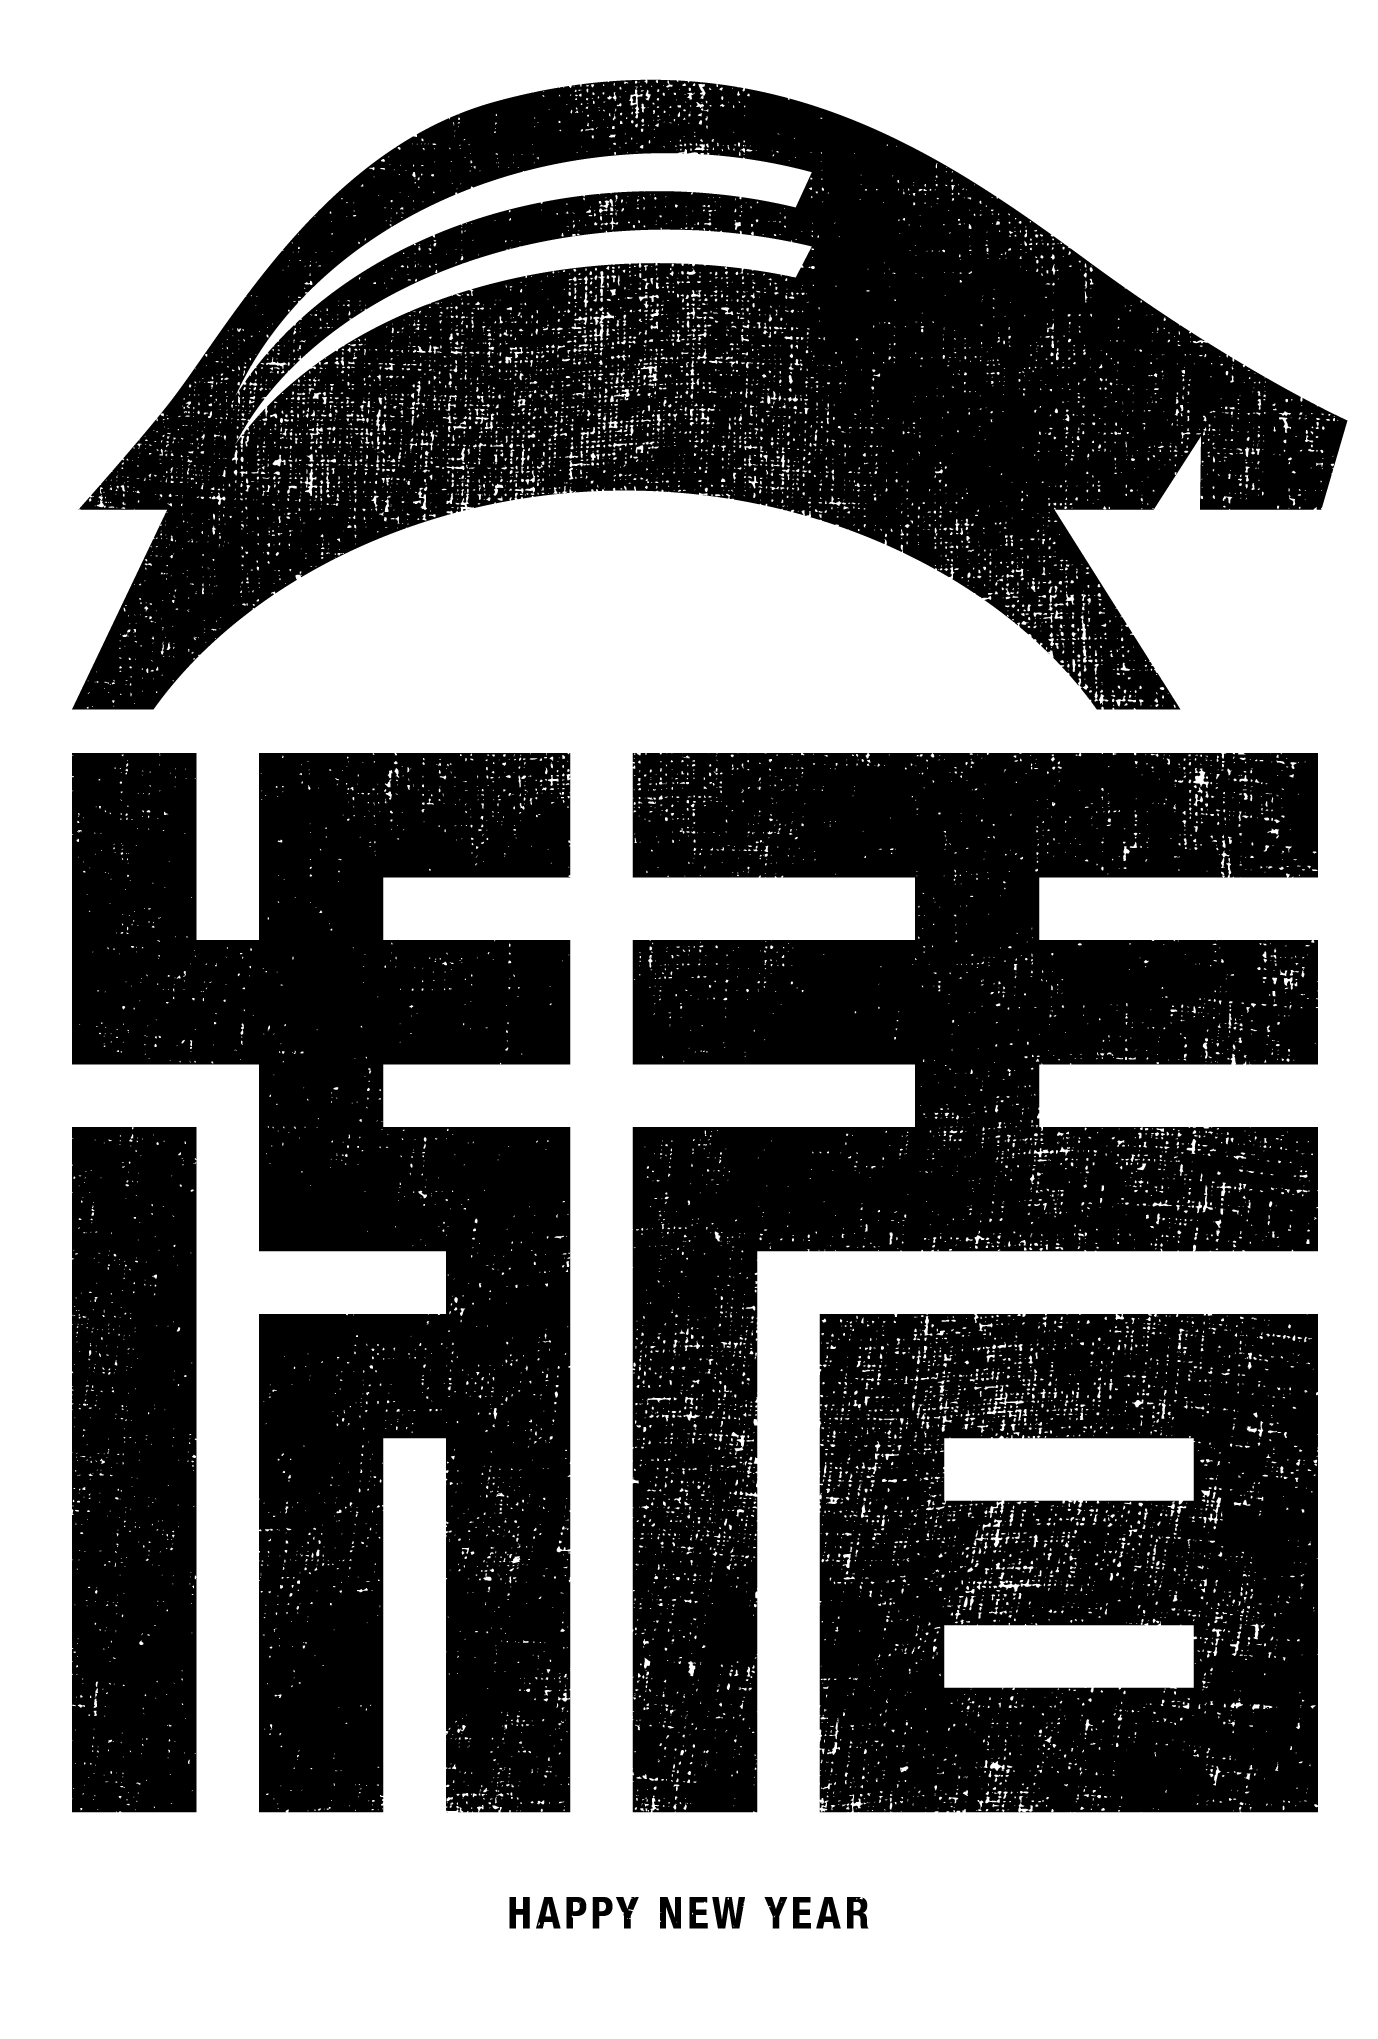 2019年賀状13-1:江戸角字(猪)黒のダウンロード画像